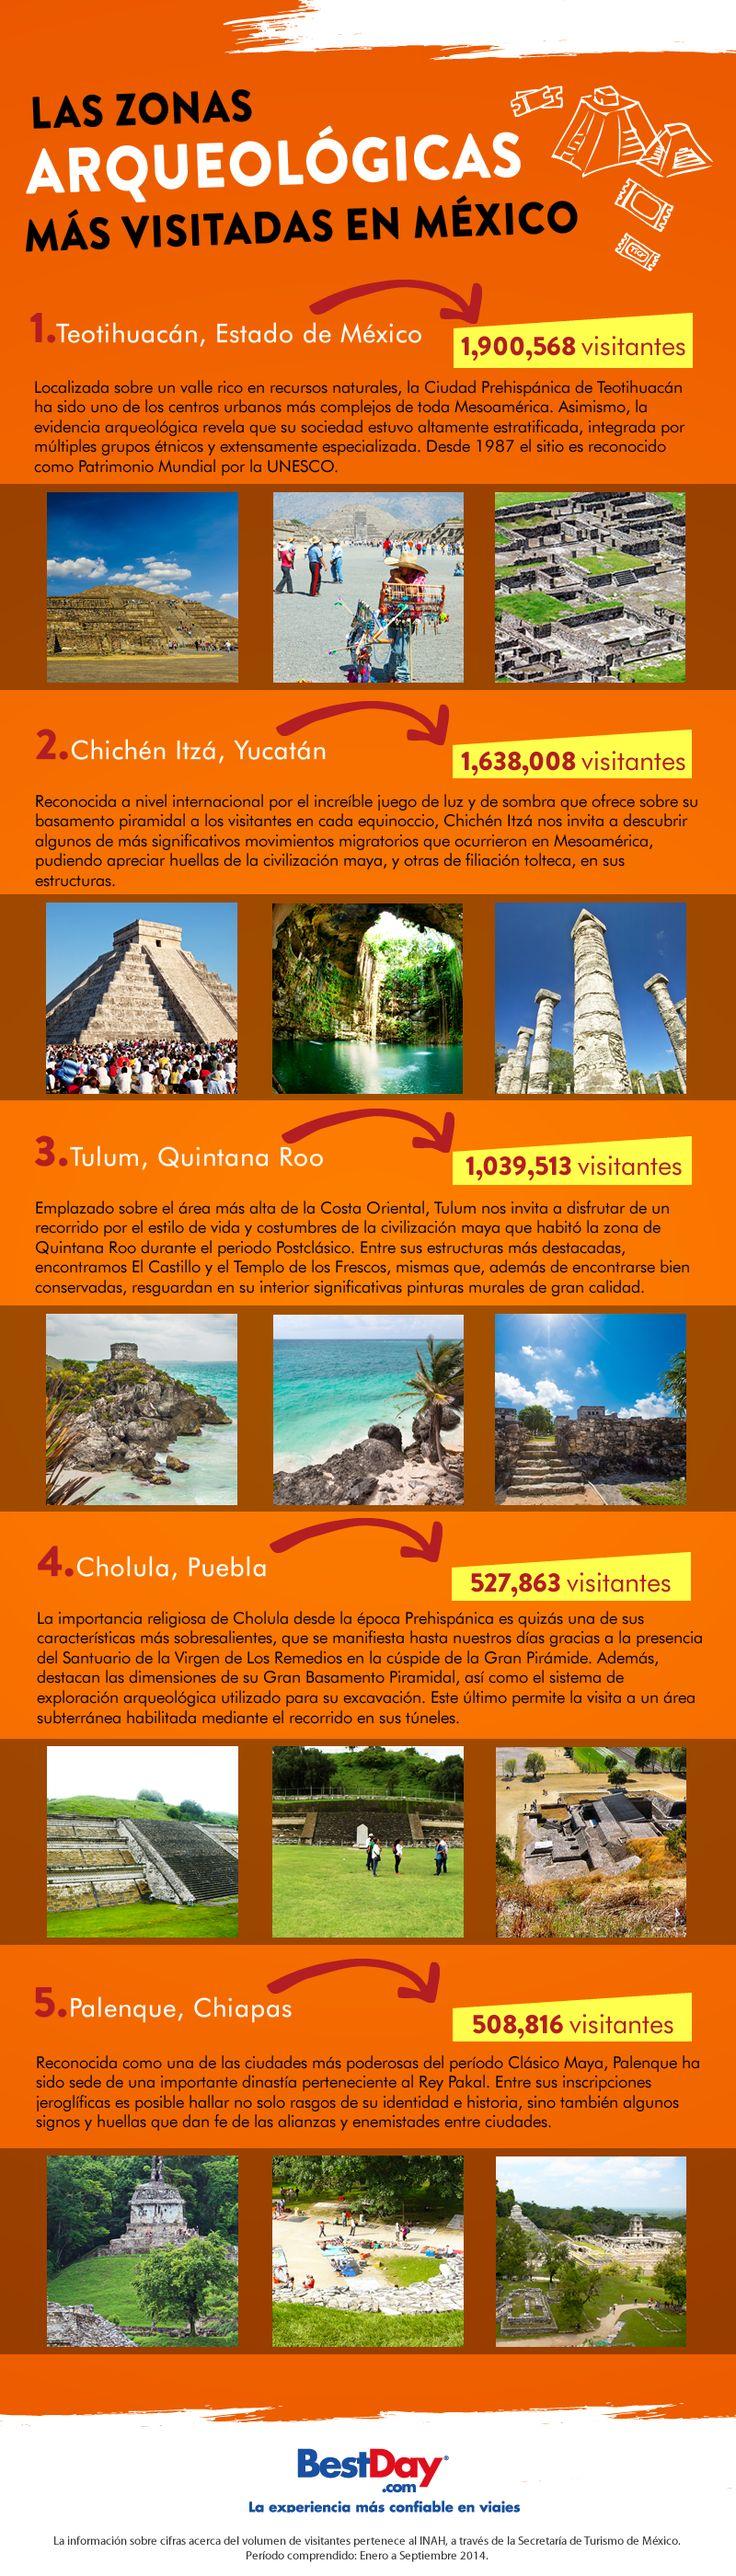 Las Zonas Arqueológicas más visitadas en México - Blog BestDay.com.mx